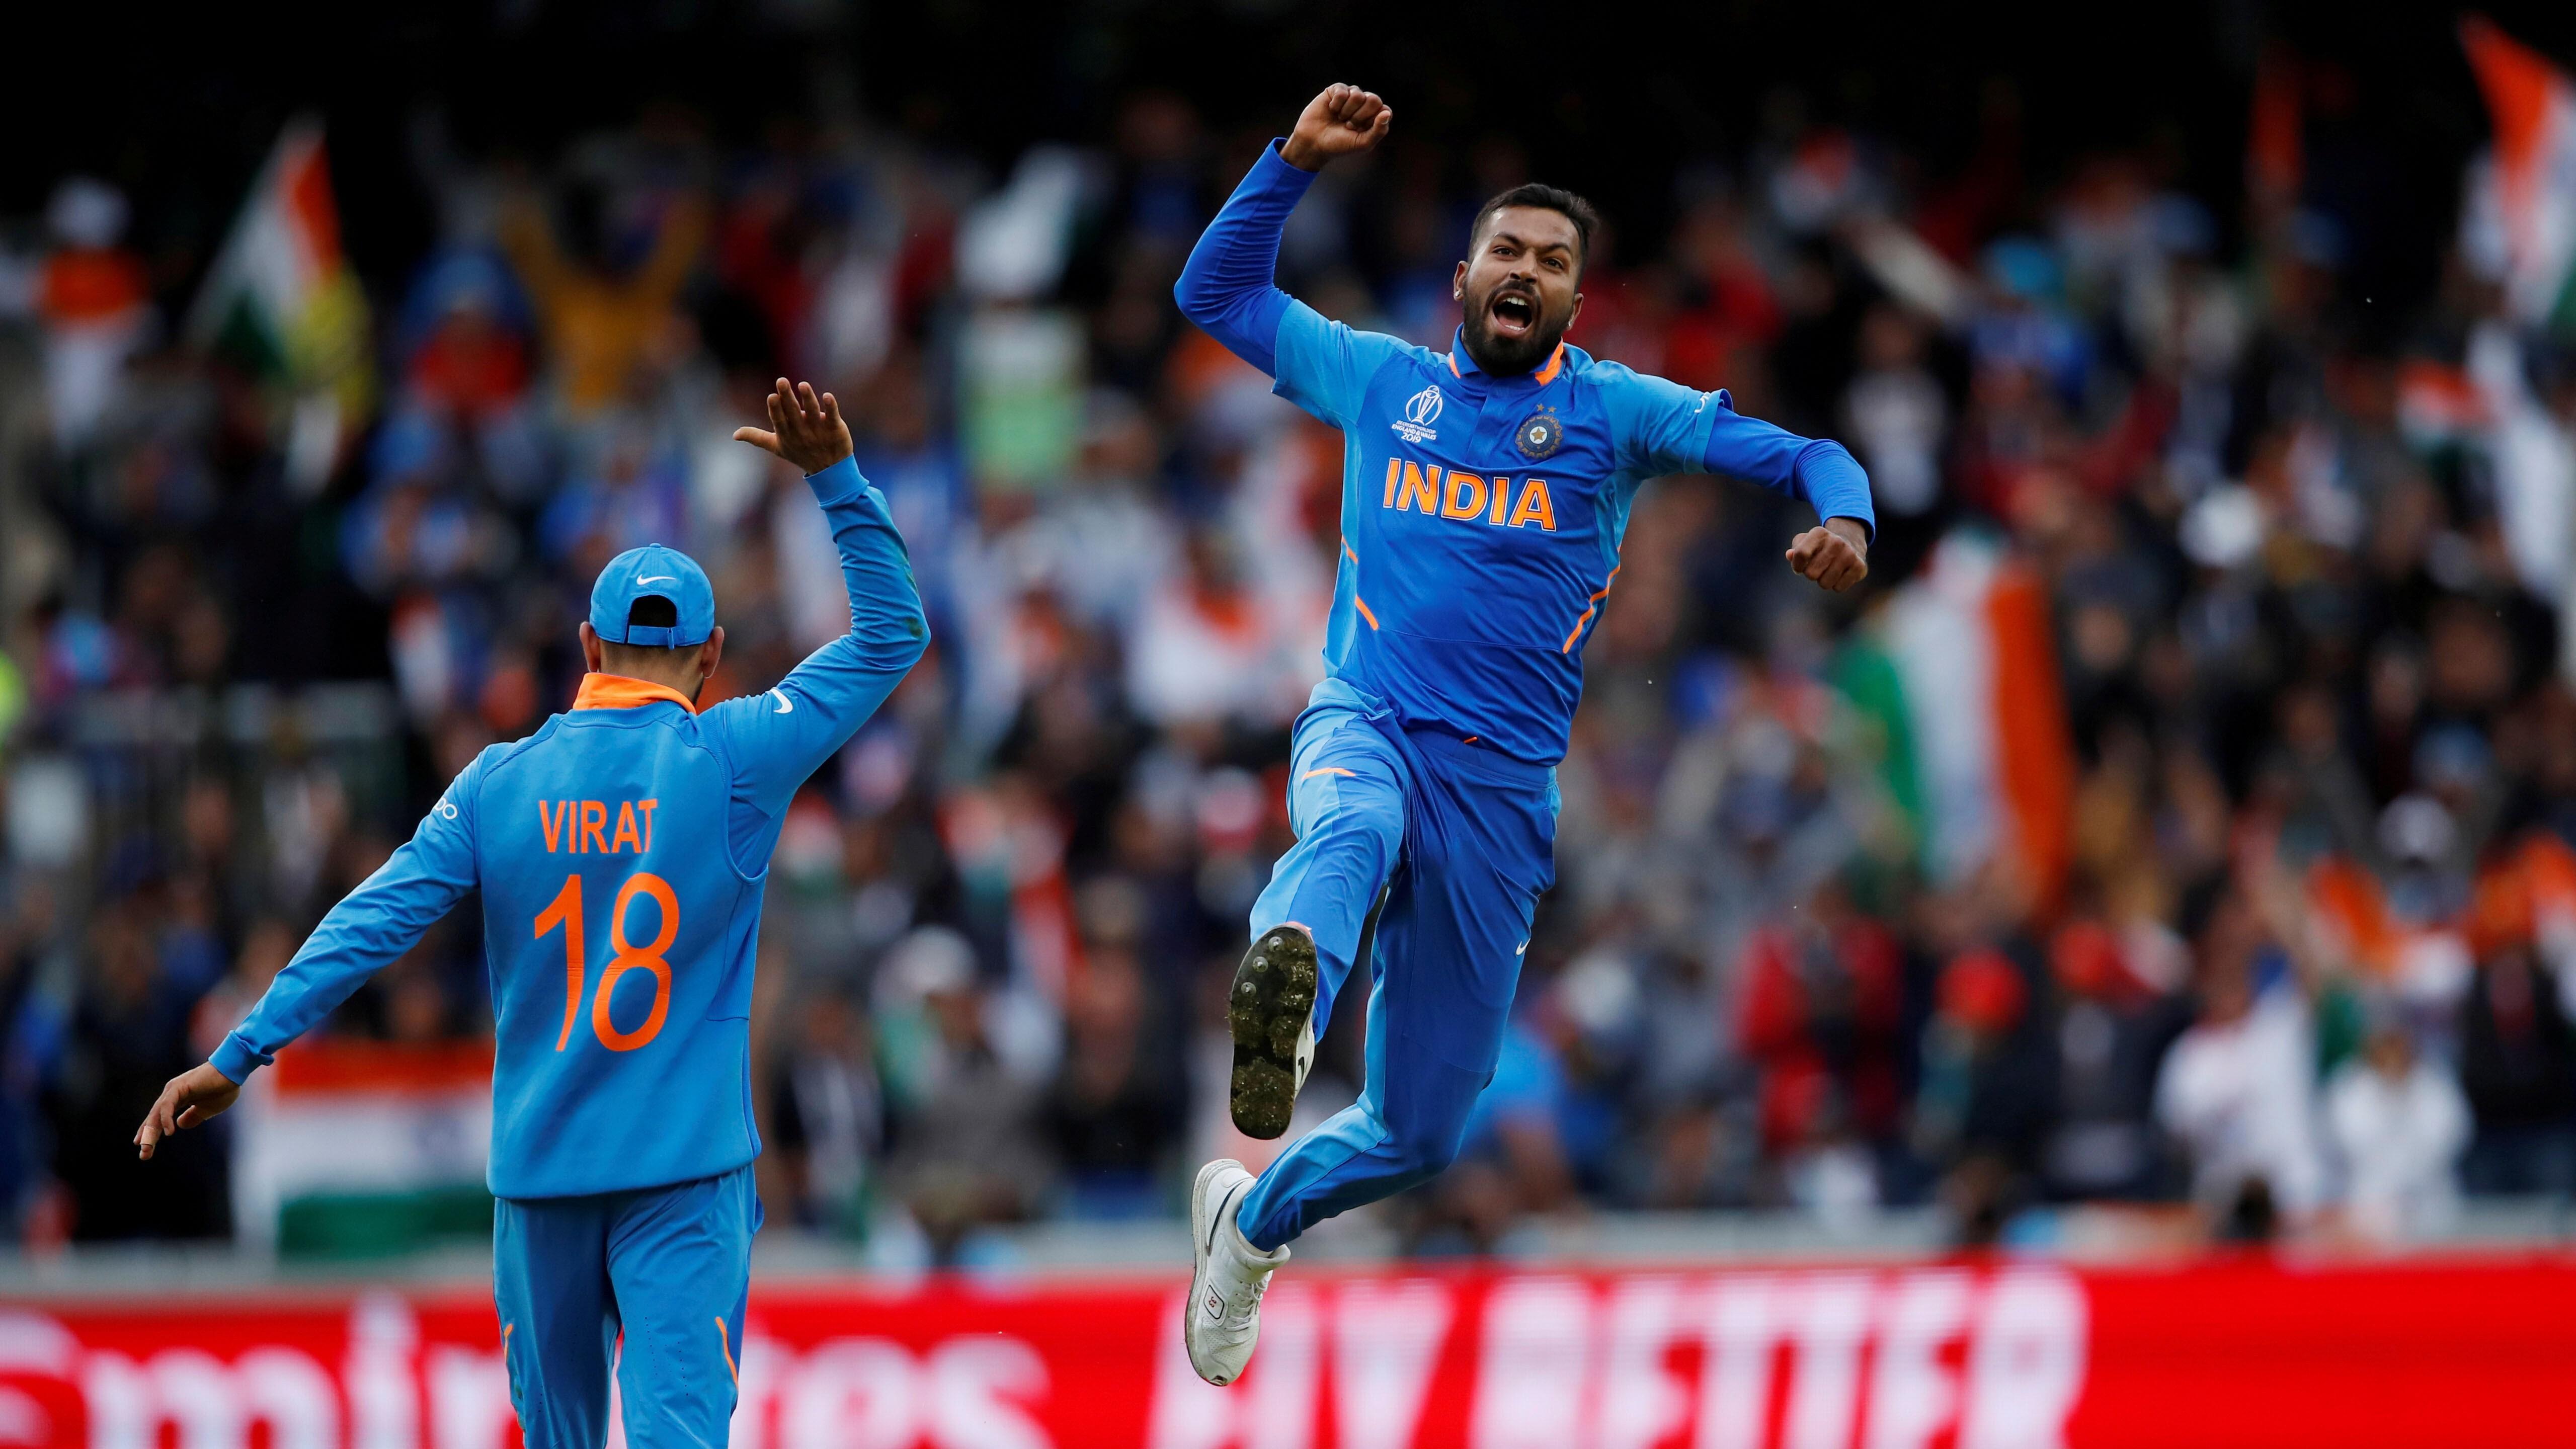 T20 World Cup के पहले क्यों मिला भारतीय टीम को झटका